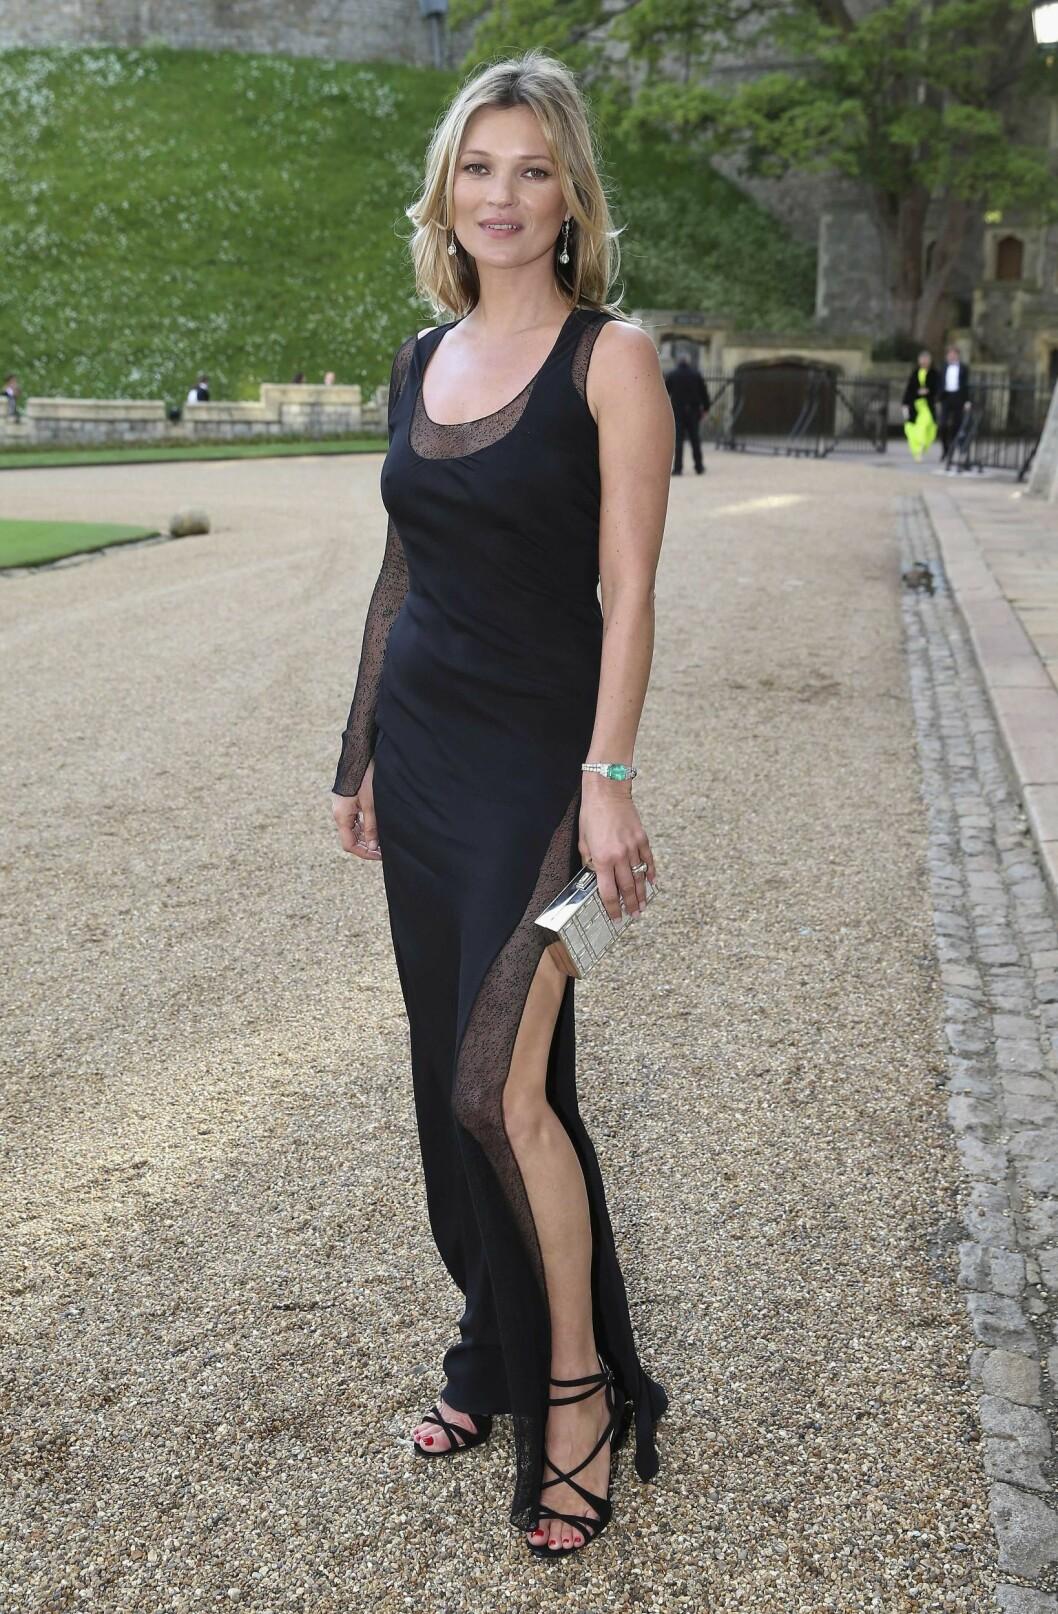 TJENER OVER 55 MILLIONER PUND: Siden hun ble oppdaget for 26 år siden, er Kate Moss verdens mest betalte supermodell, ifølge The Times. Her er hun på fest på Windsor slott, iført kjole fra Ralph Lauren. Foto: REX/All Over Press